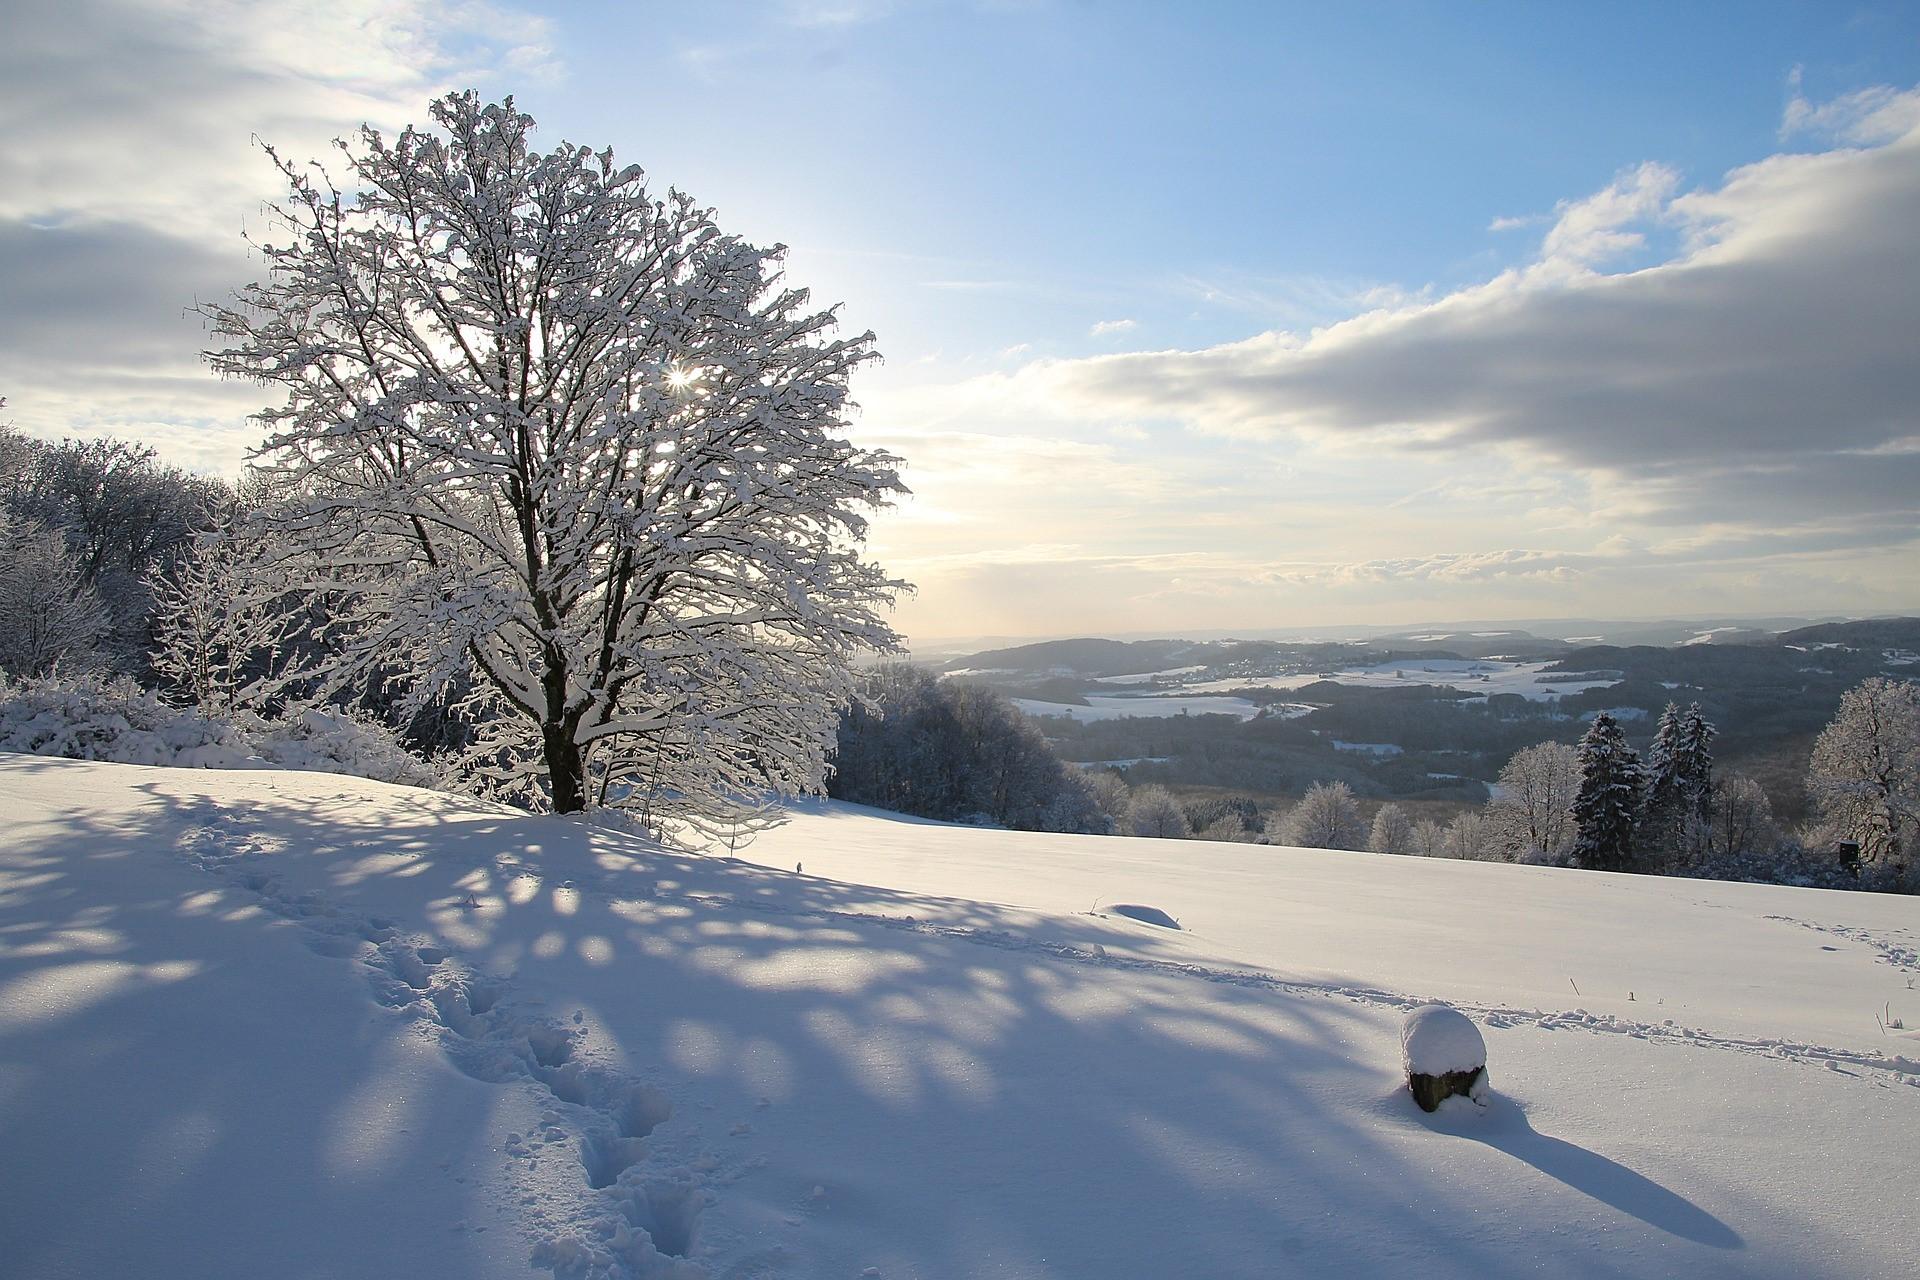 snow-3114631_1920.jpg